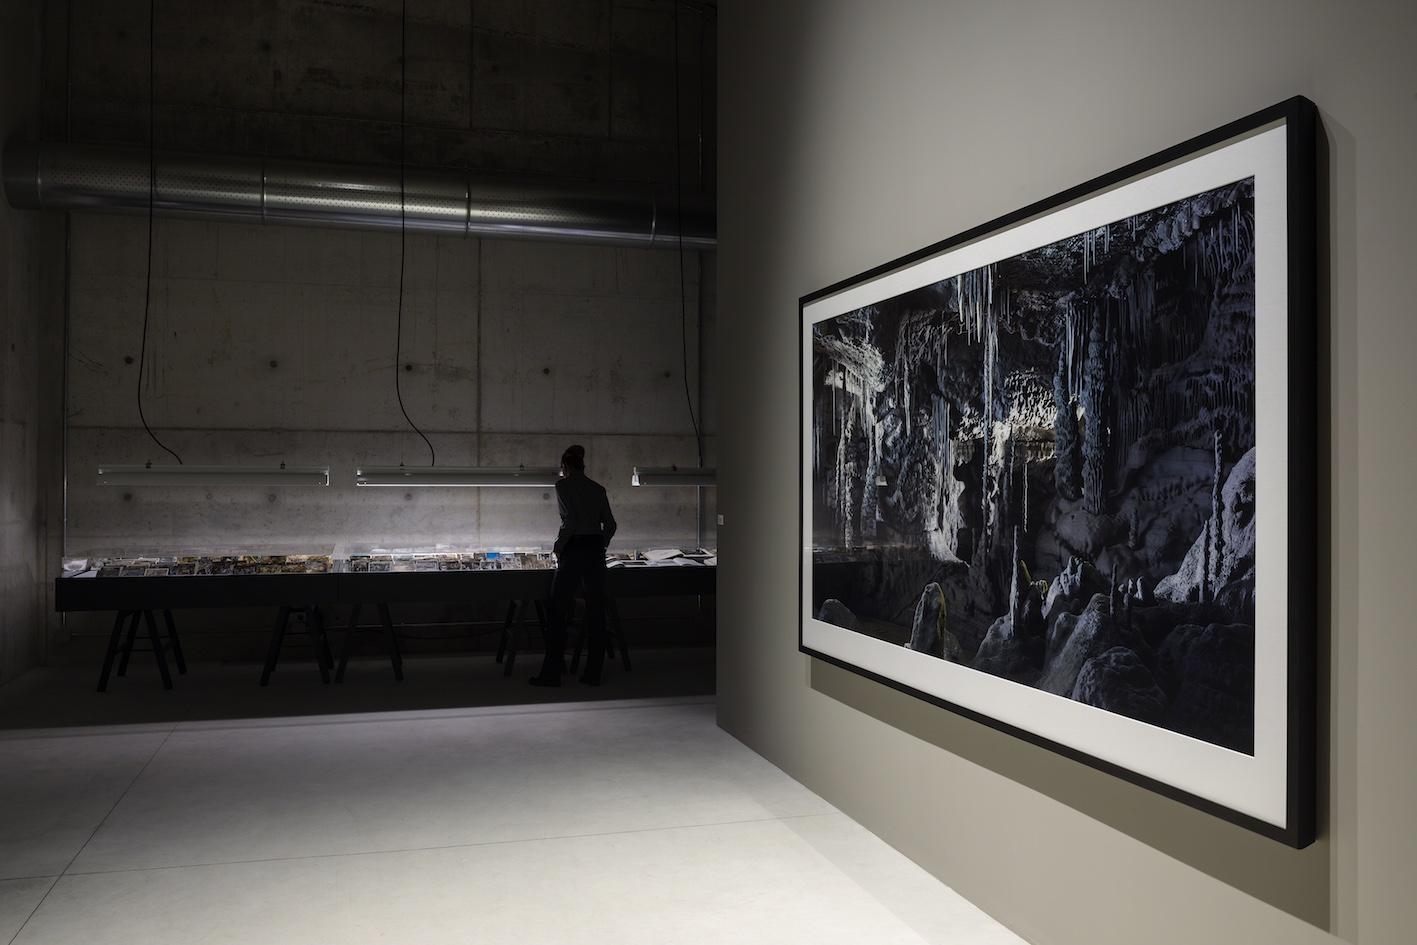 Veduta dell'istallazione permanente Processo grottesco di Thomas Demand, Fondazione Prada Milano, 2015. Photo: Attilio Maranzano. Courtesy: Fondazione Prada.